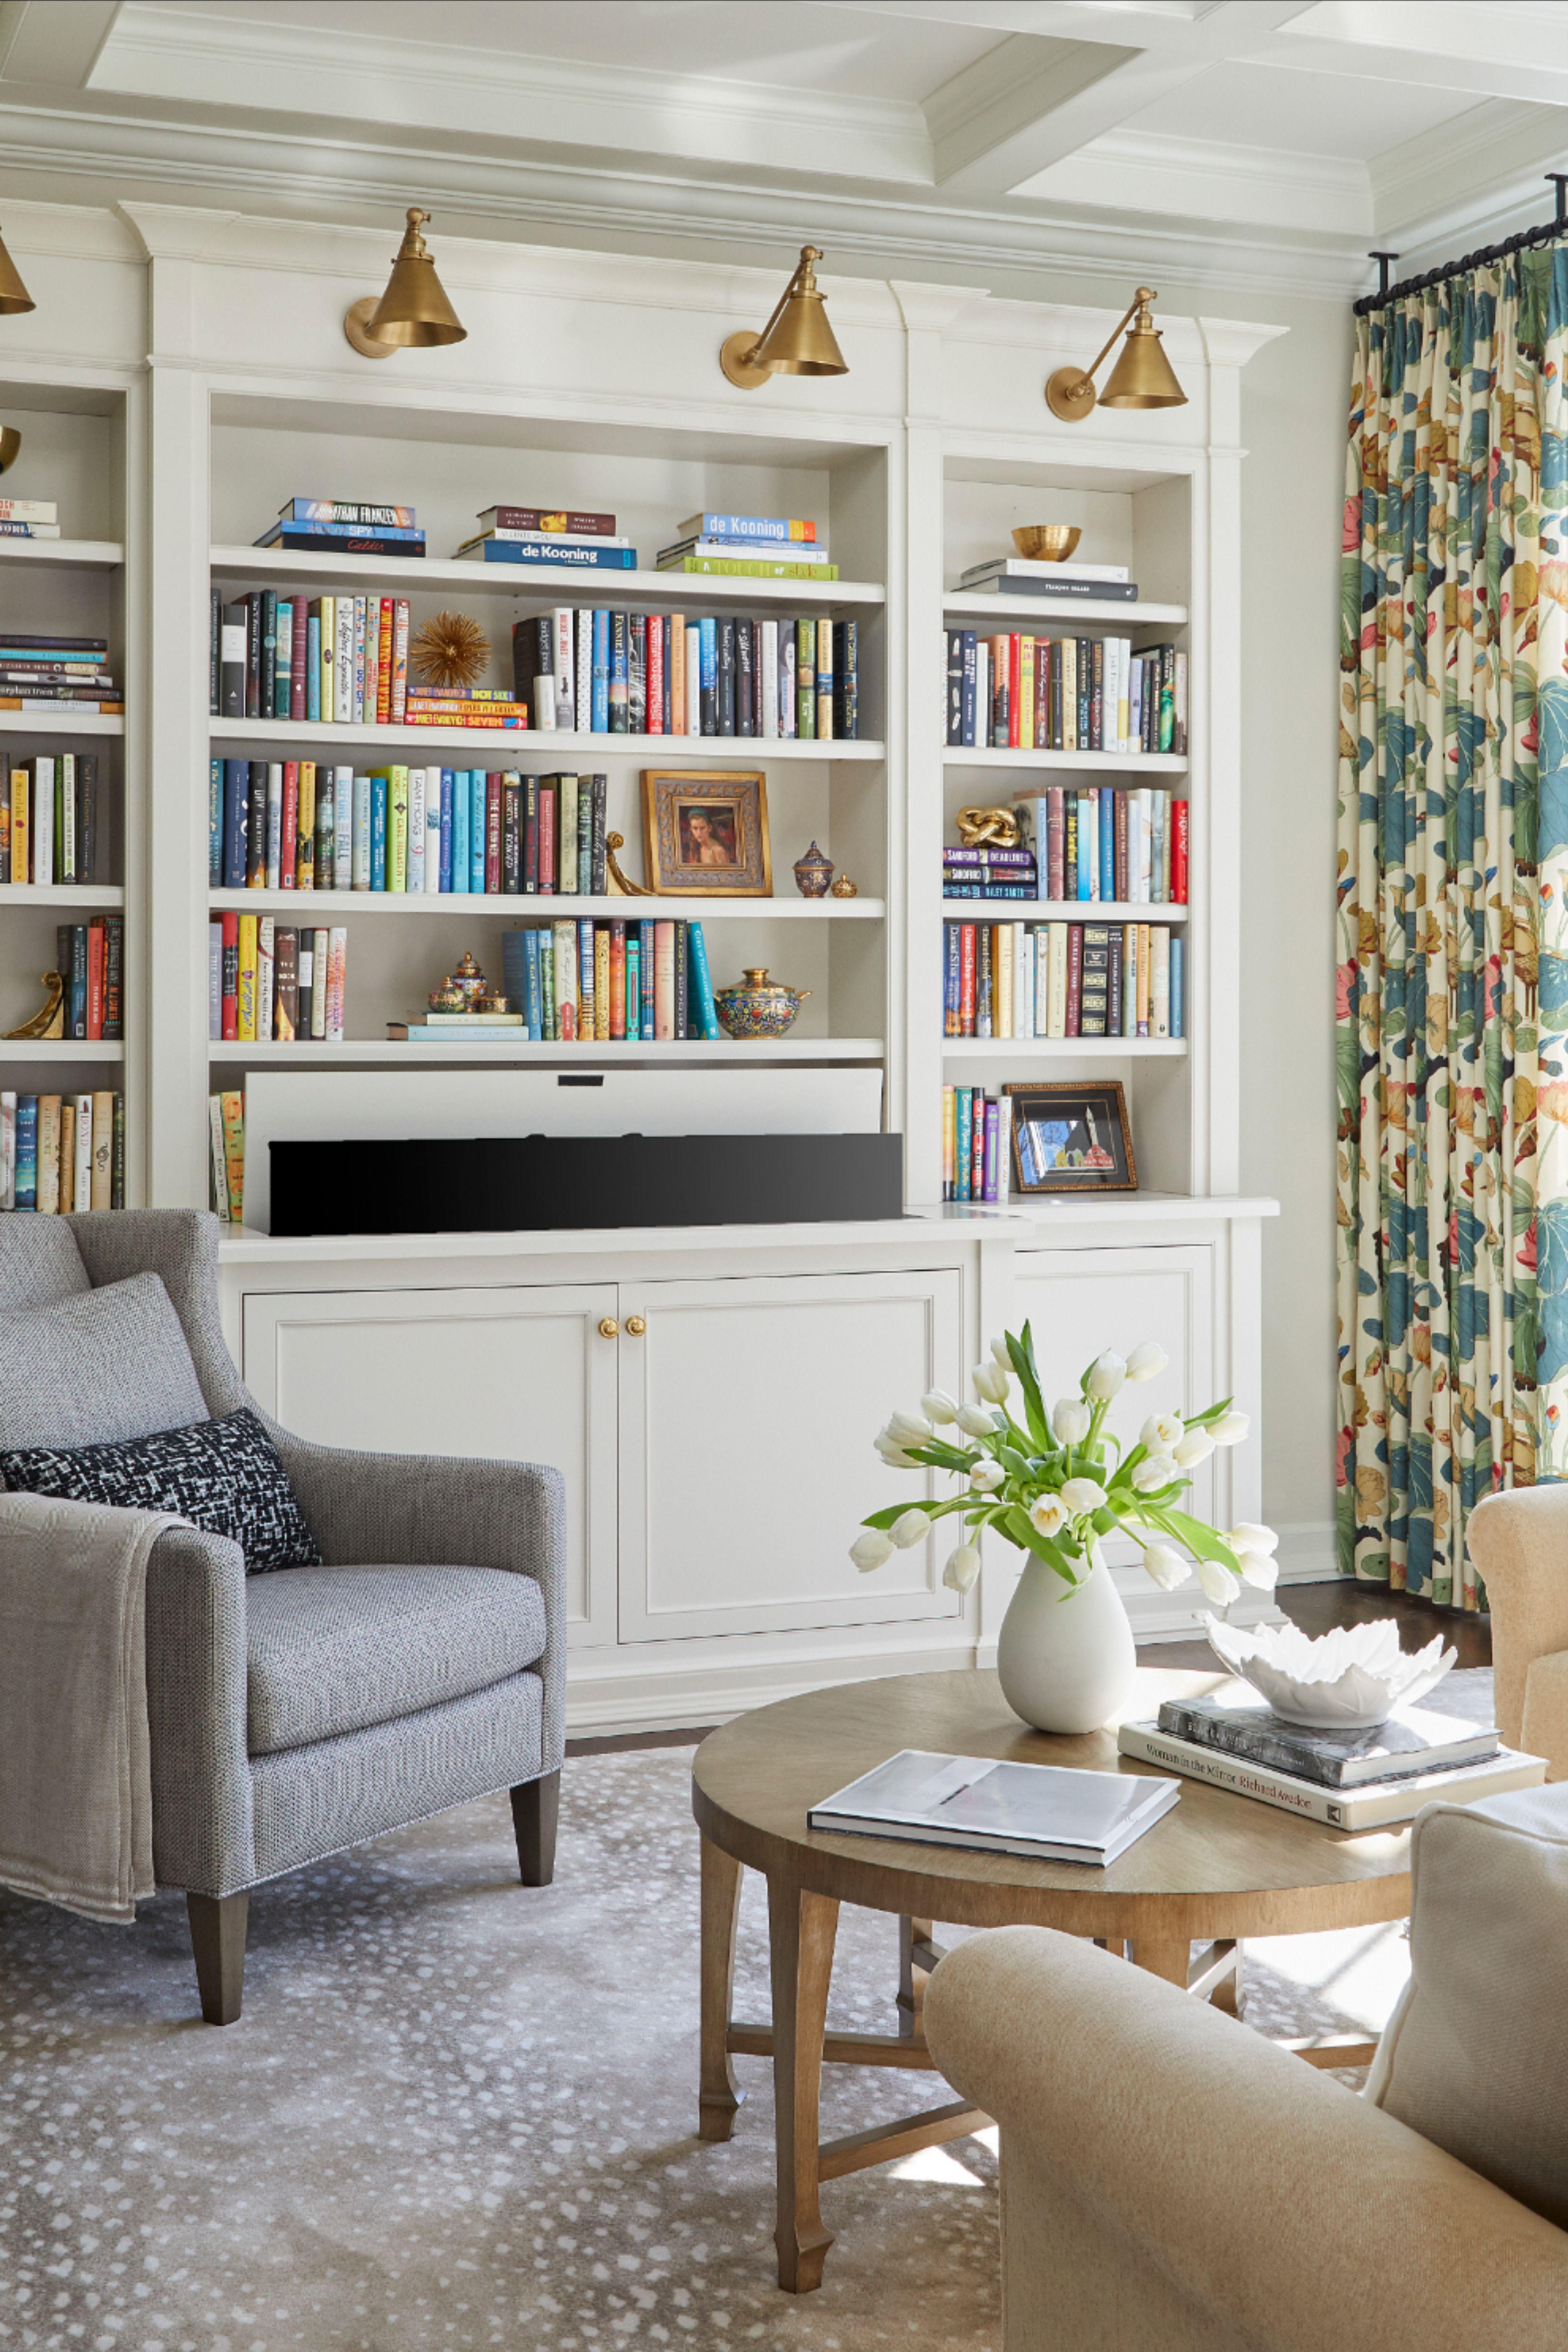 Tips For Styling Statement Bookshelves Bookshelves In Living Room Lounge Room Styling Apartment Living Room Beautiful living room bookshelf